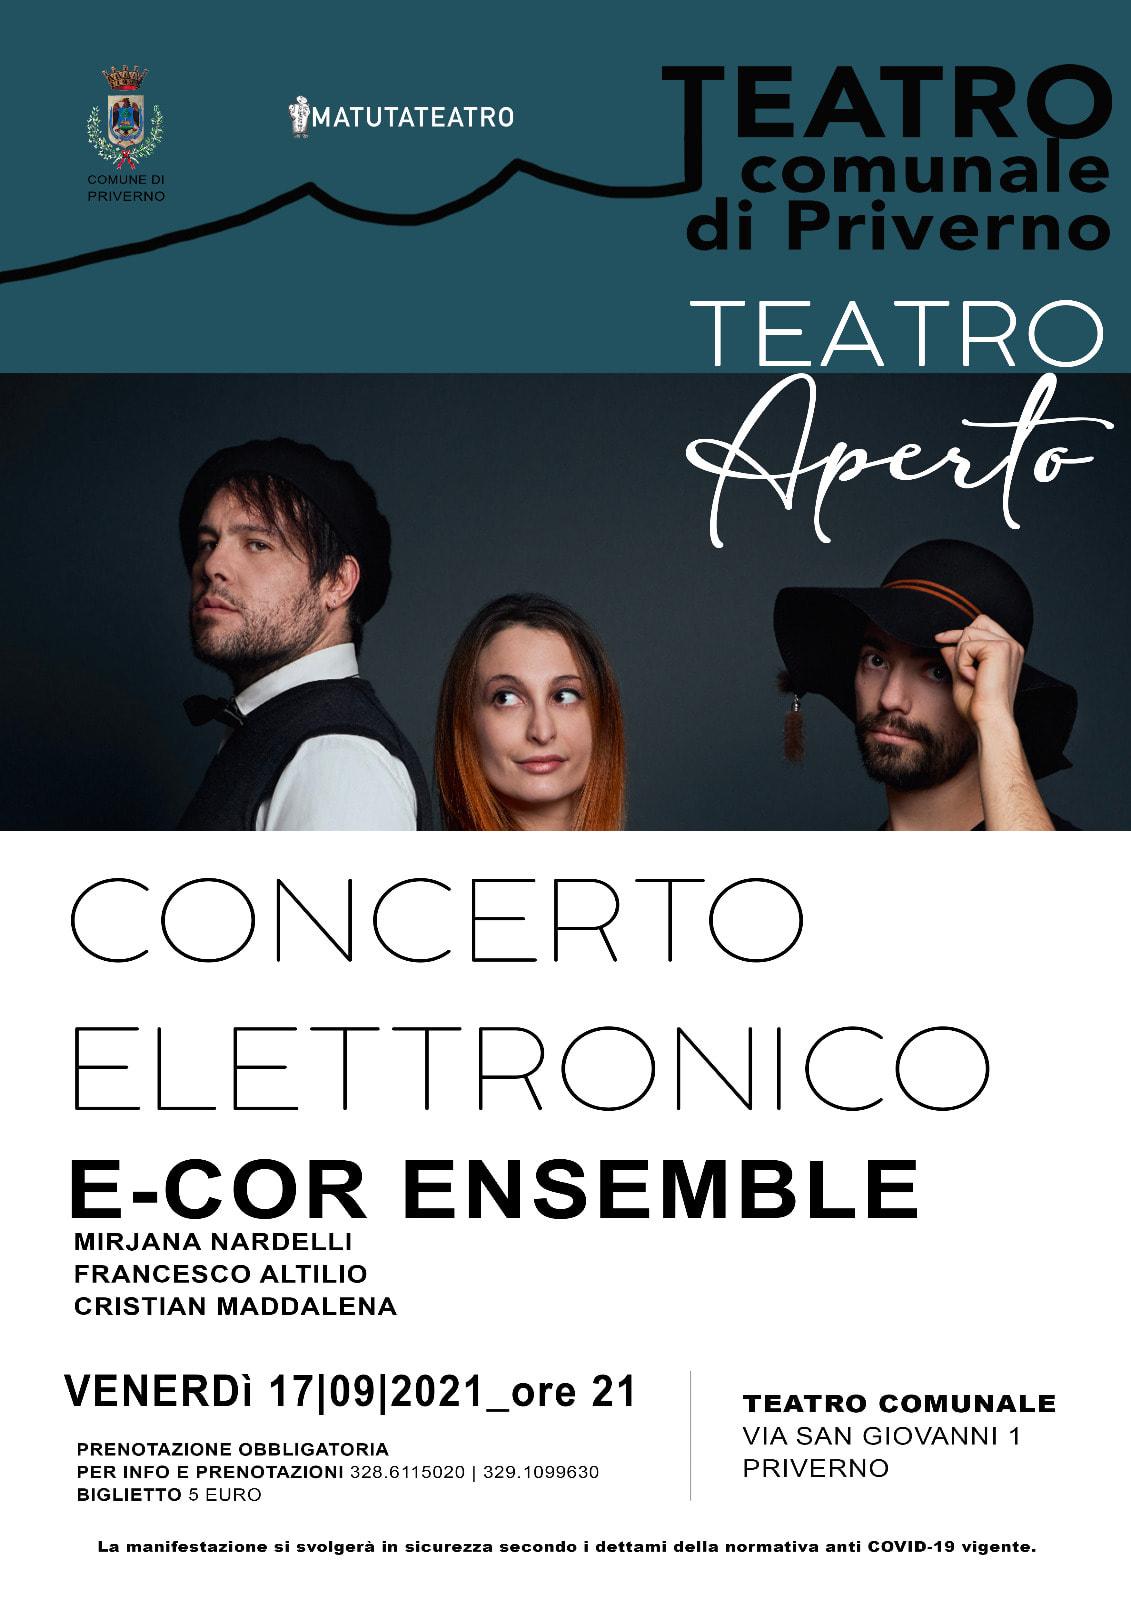 Priverno: Concerto elettronico con  E-CO  Ensemble @ Teatro Comunale